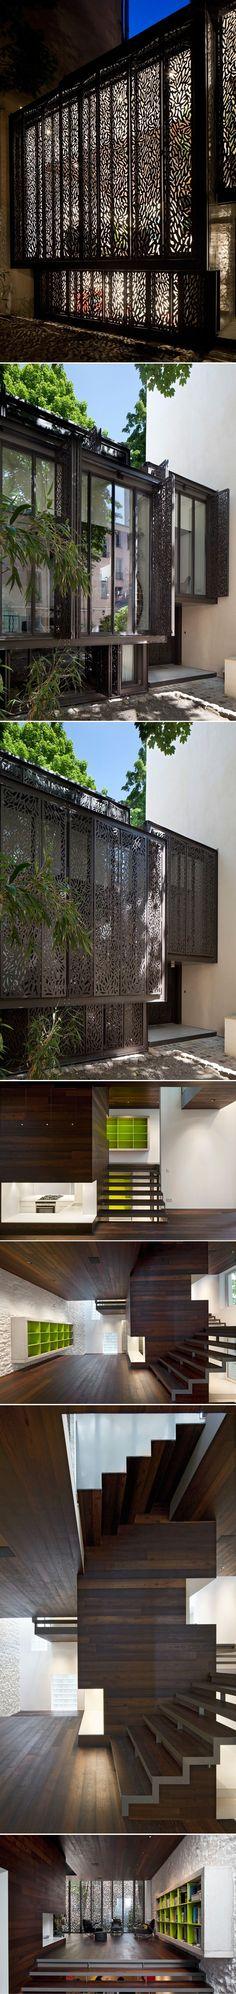 Une maison inspirée de l'escalier cyclopéen Mon coup de projecteur d'aujourd'hui va à la maison escalier imaginée et réalisée par Moussafir Architectes. Ce